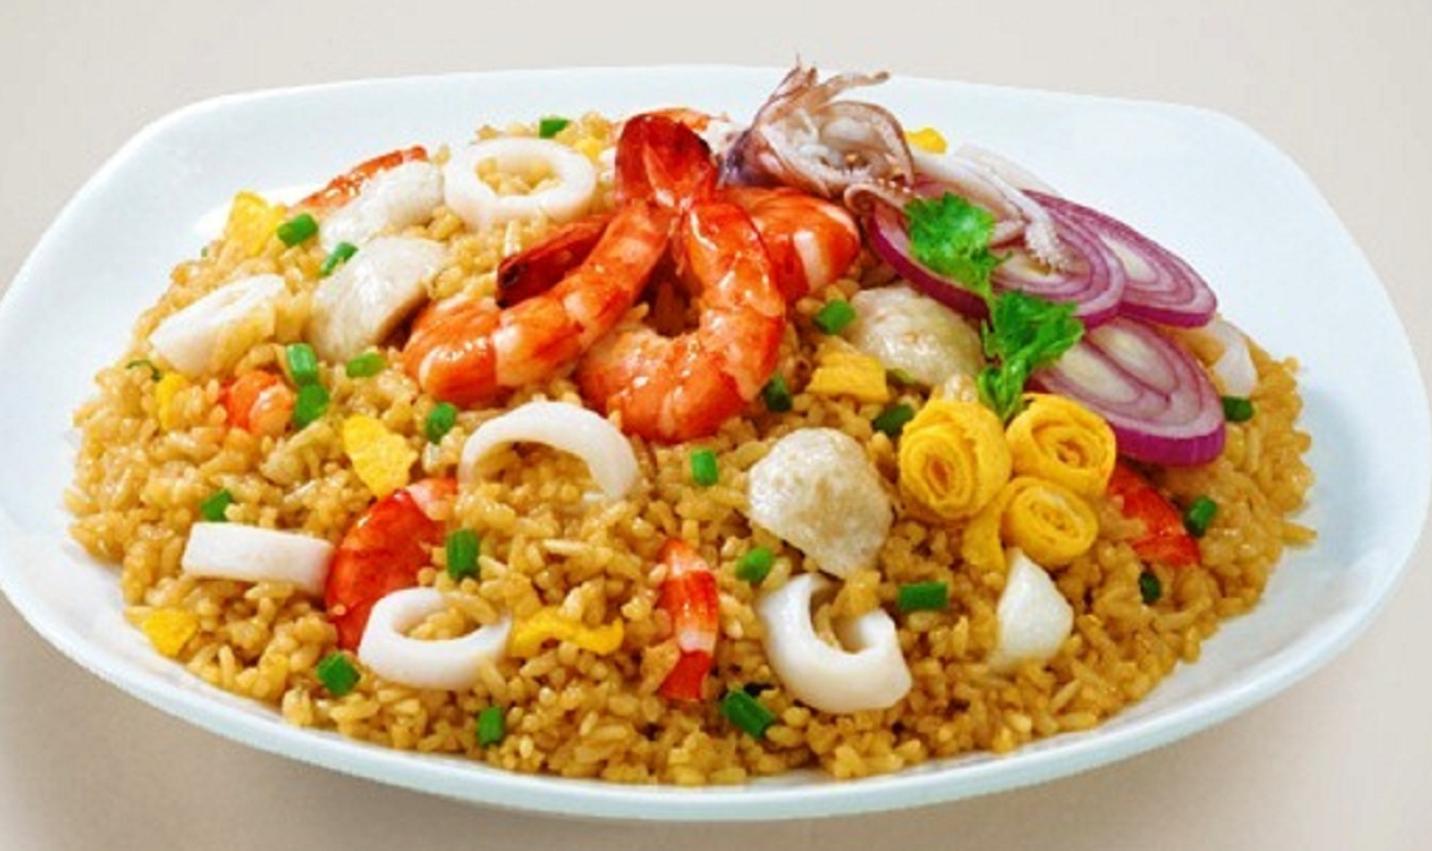 pin oleh tan di resep masakan sehari hari nasi goreng resep makanan makanan sehat pin oleh tan di resep masakan sehari